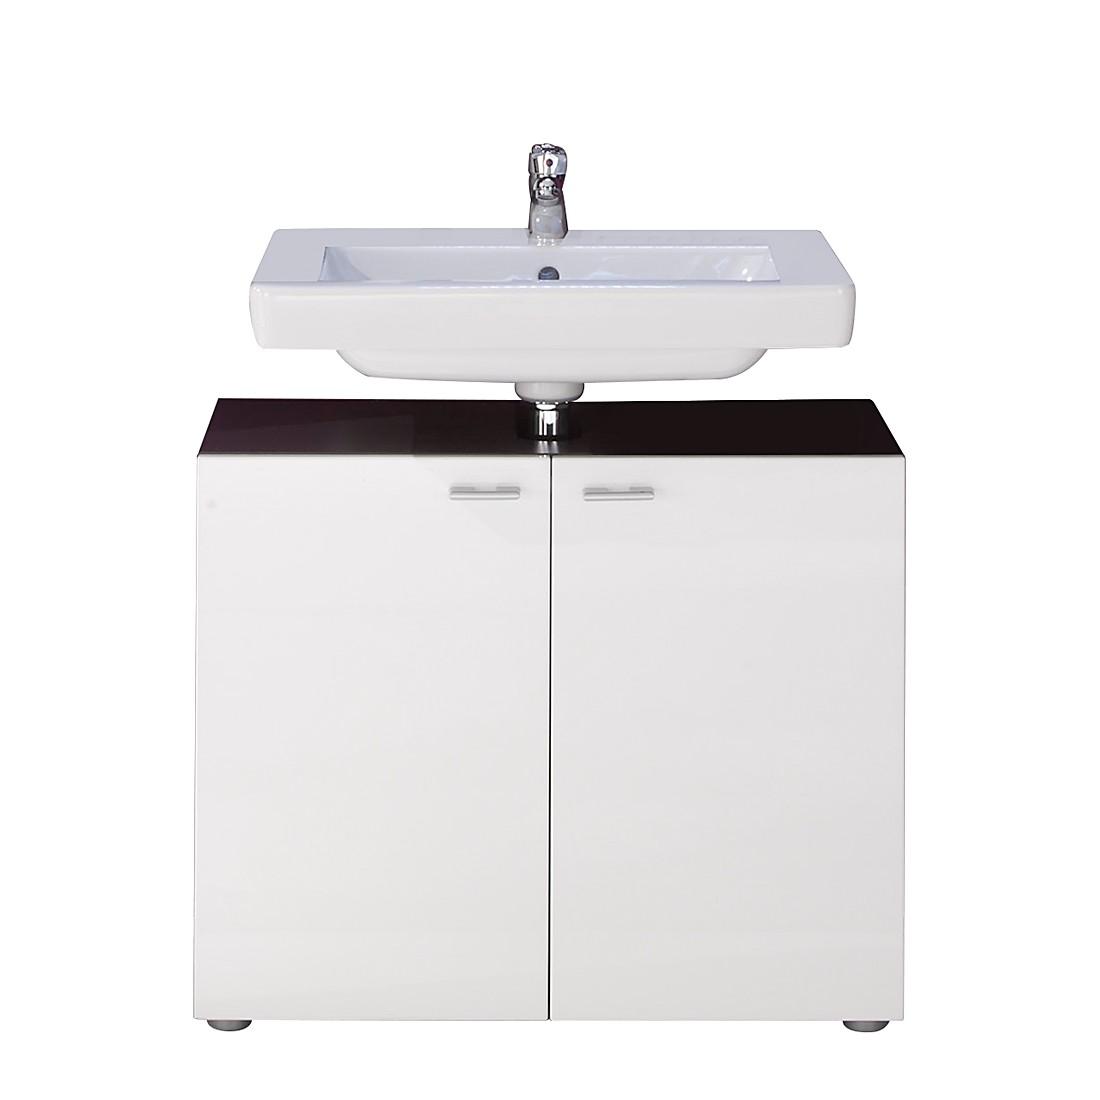 EEK A+, Waschbeckenunterschrank Angulo - Graphit Dekor/Weiß, Trendteam